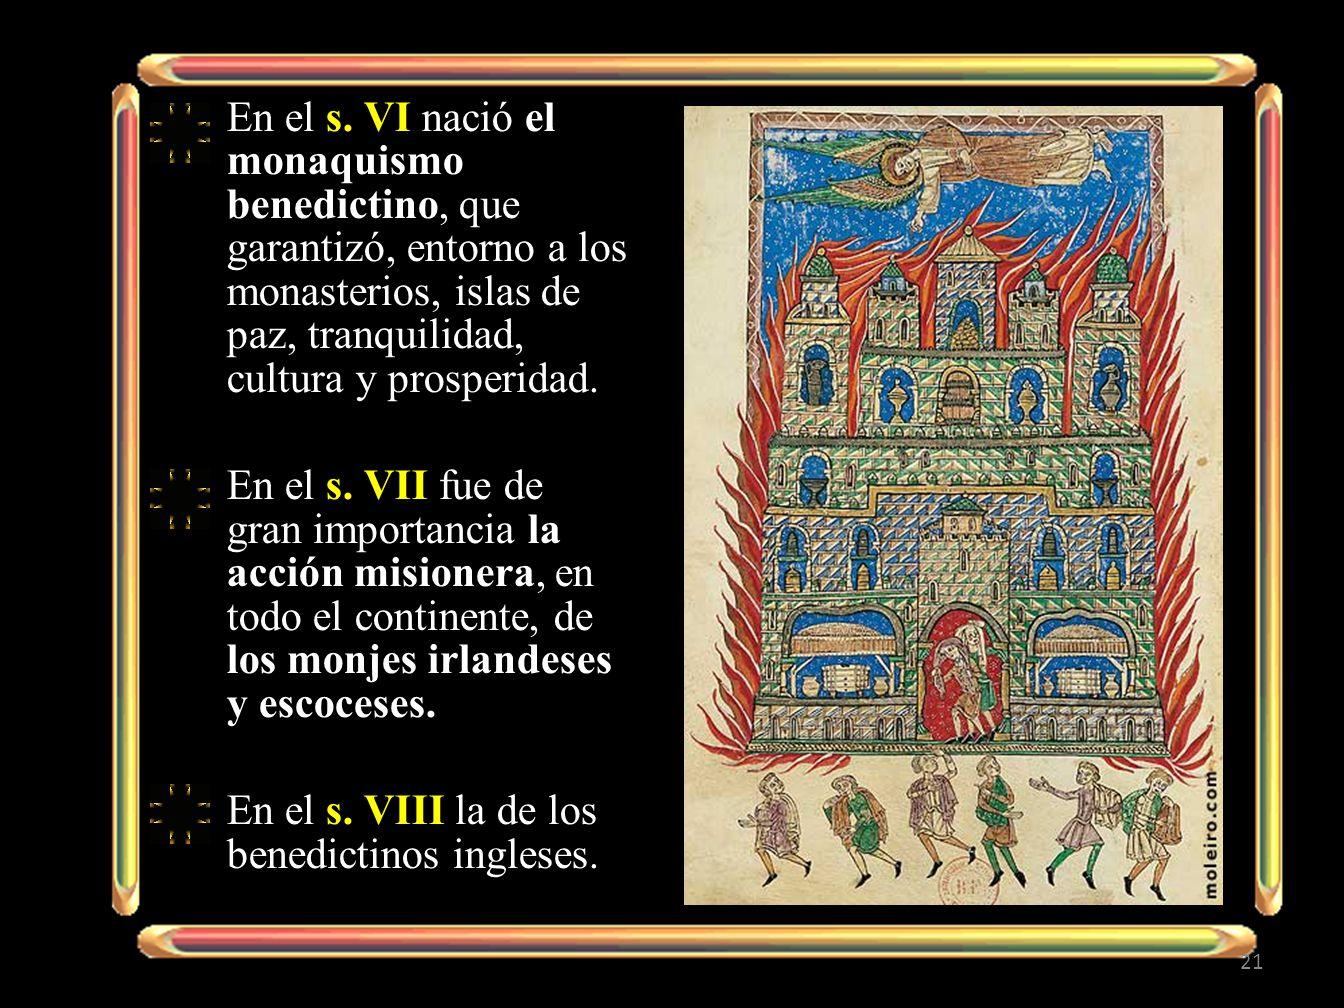 En el s. VI nació el monaquismo benedictino, que garantizó, entorno a los monasterios, islas de paz, tranquilidad, cultura y prosperidad. En el s. VII